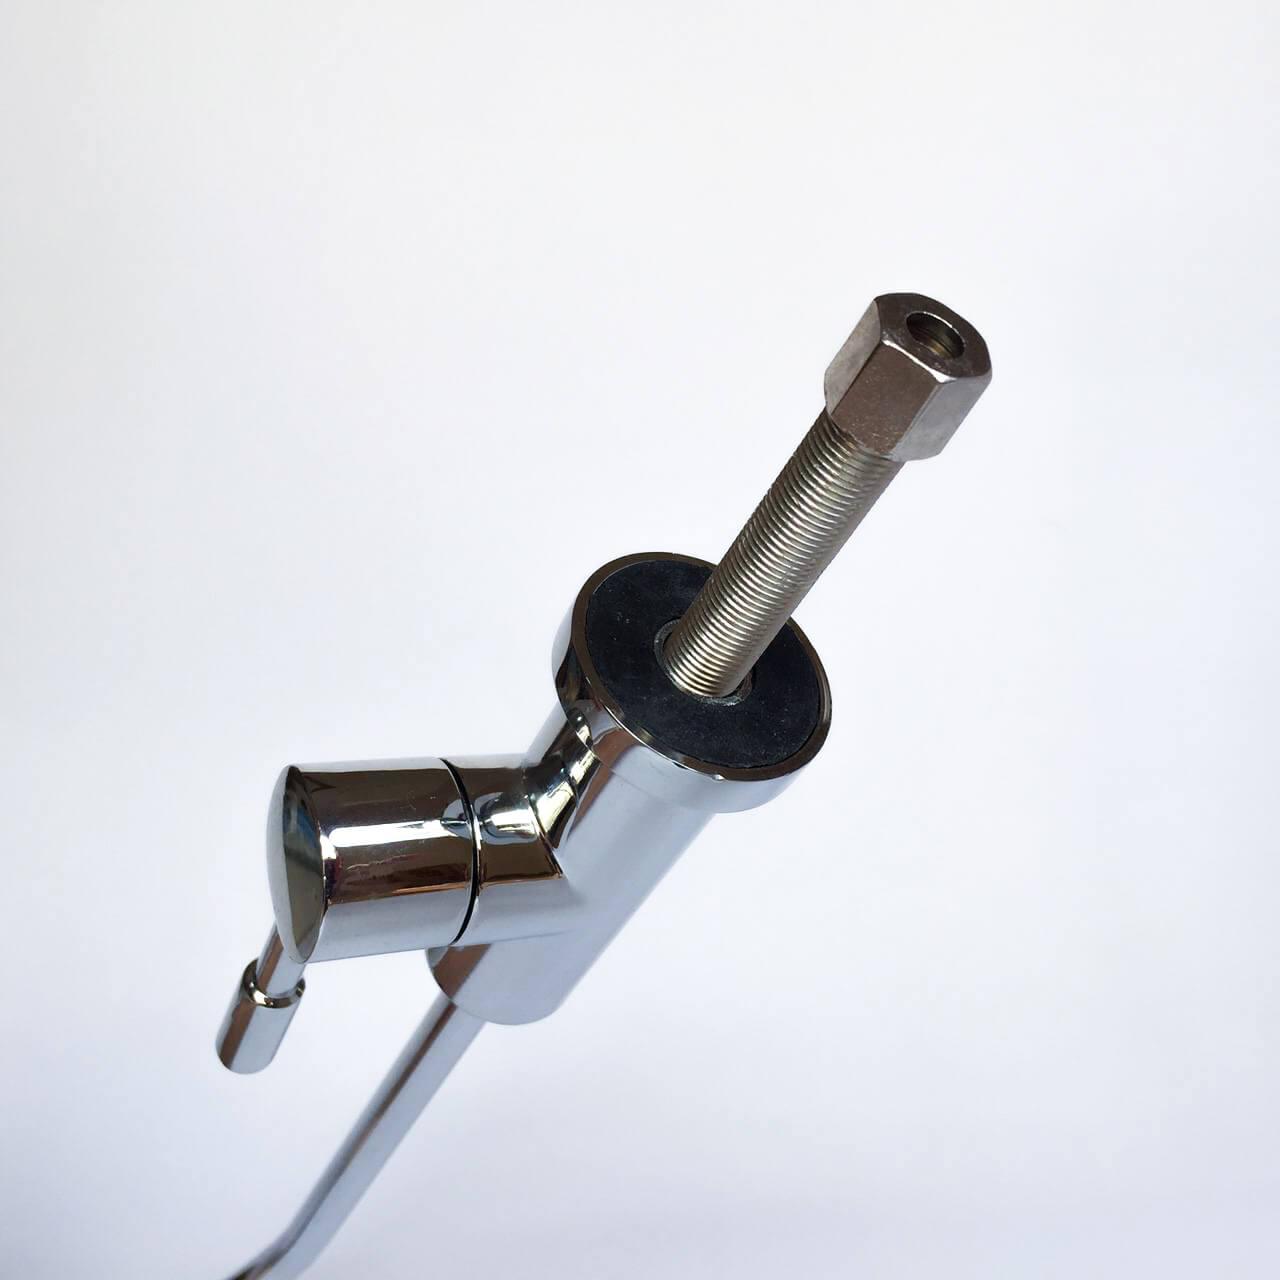 Vòi nước inox 1 khóa máy lọc nước Famy